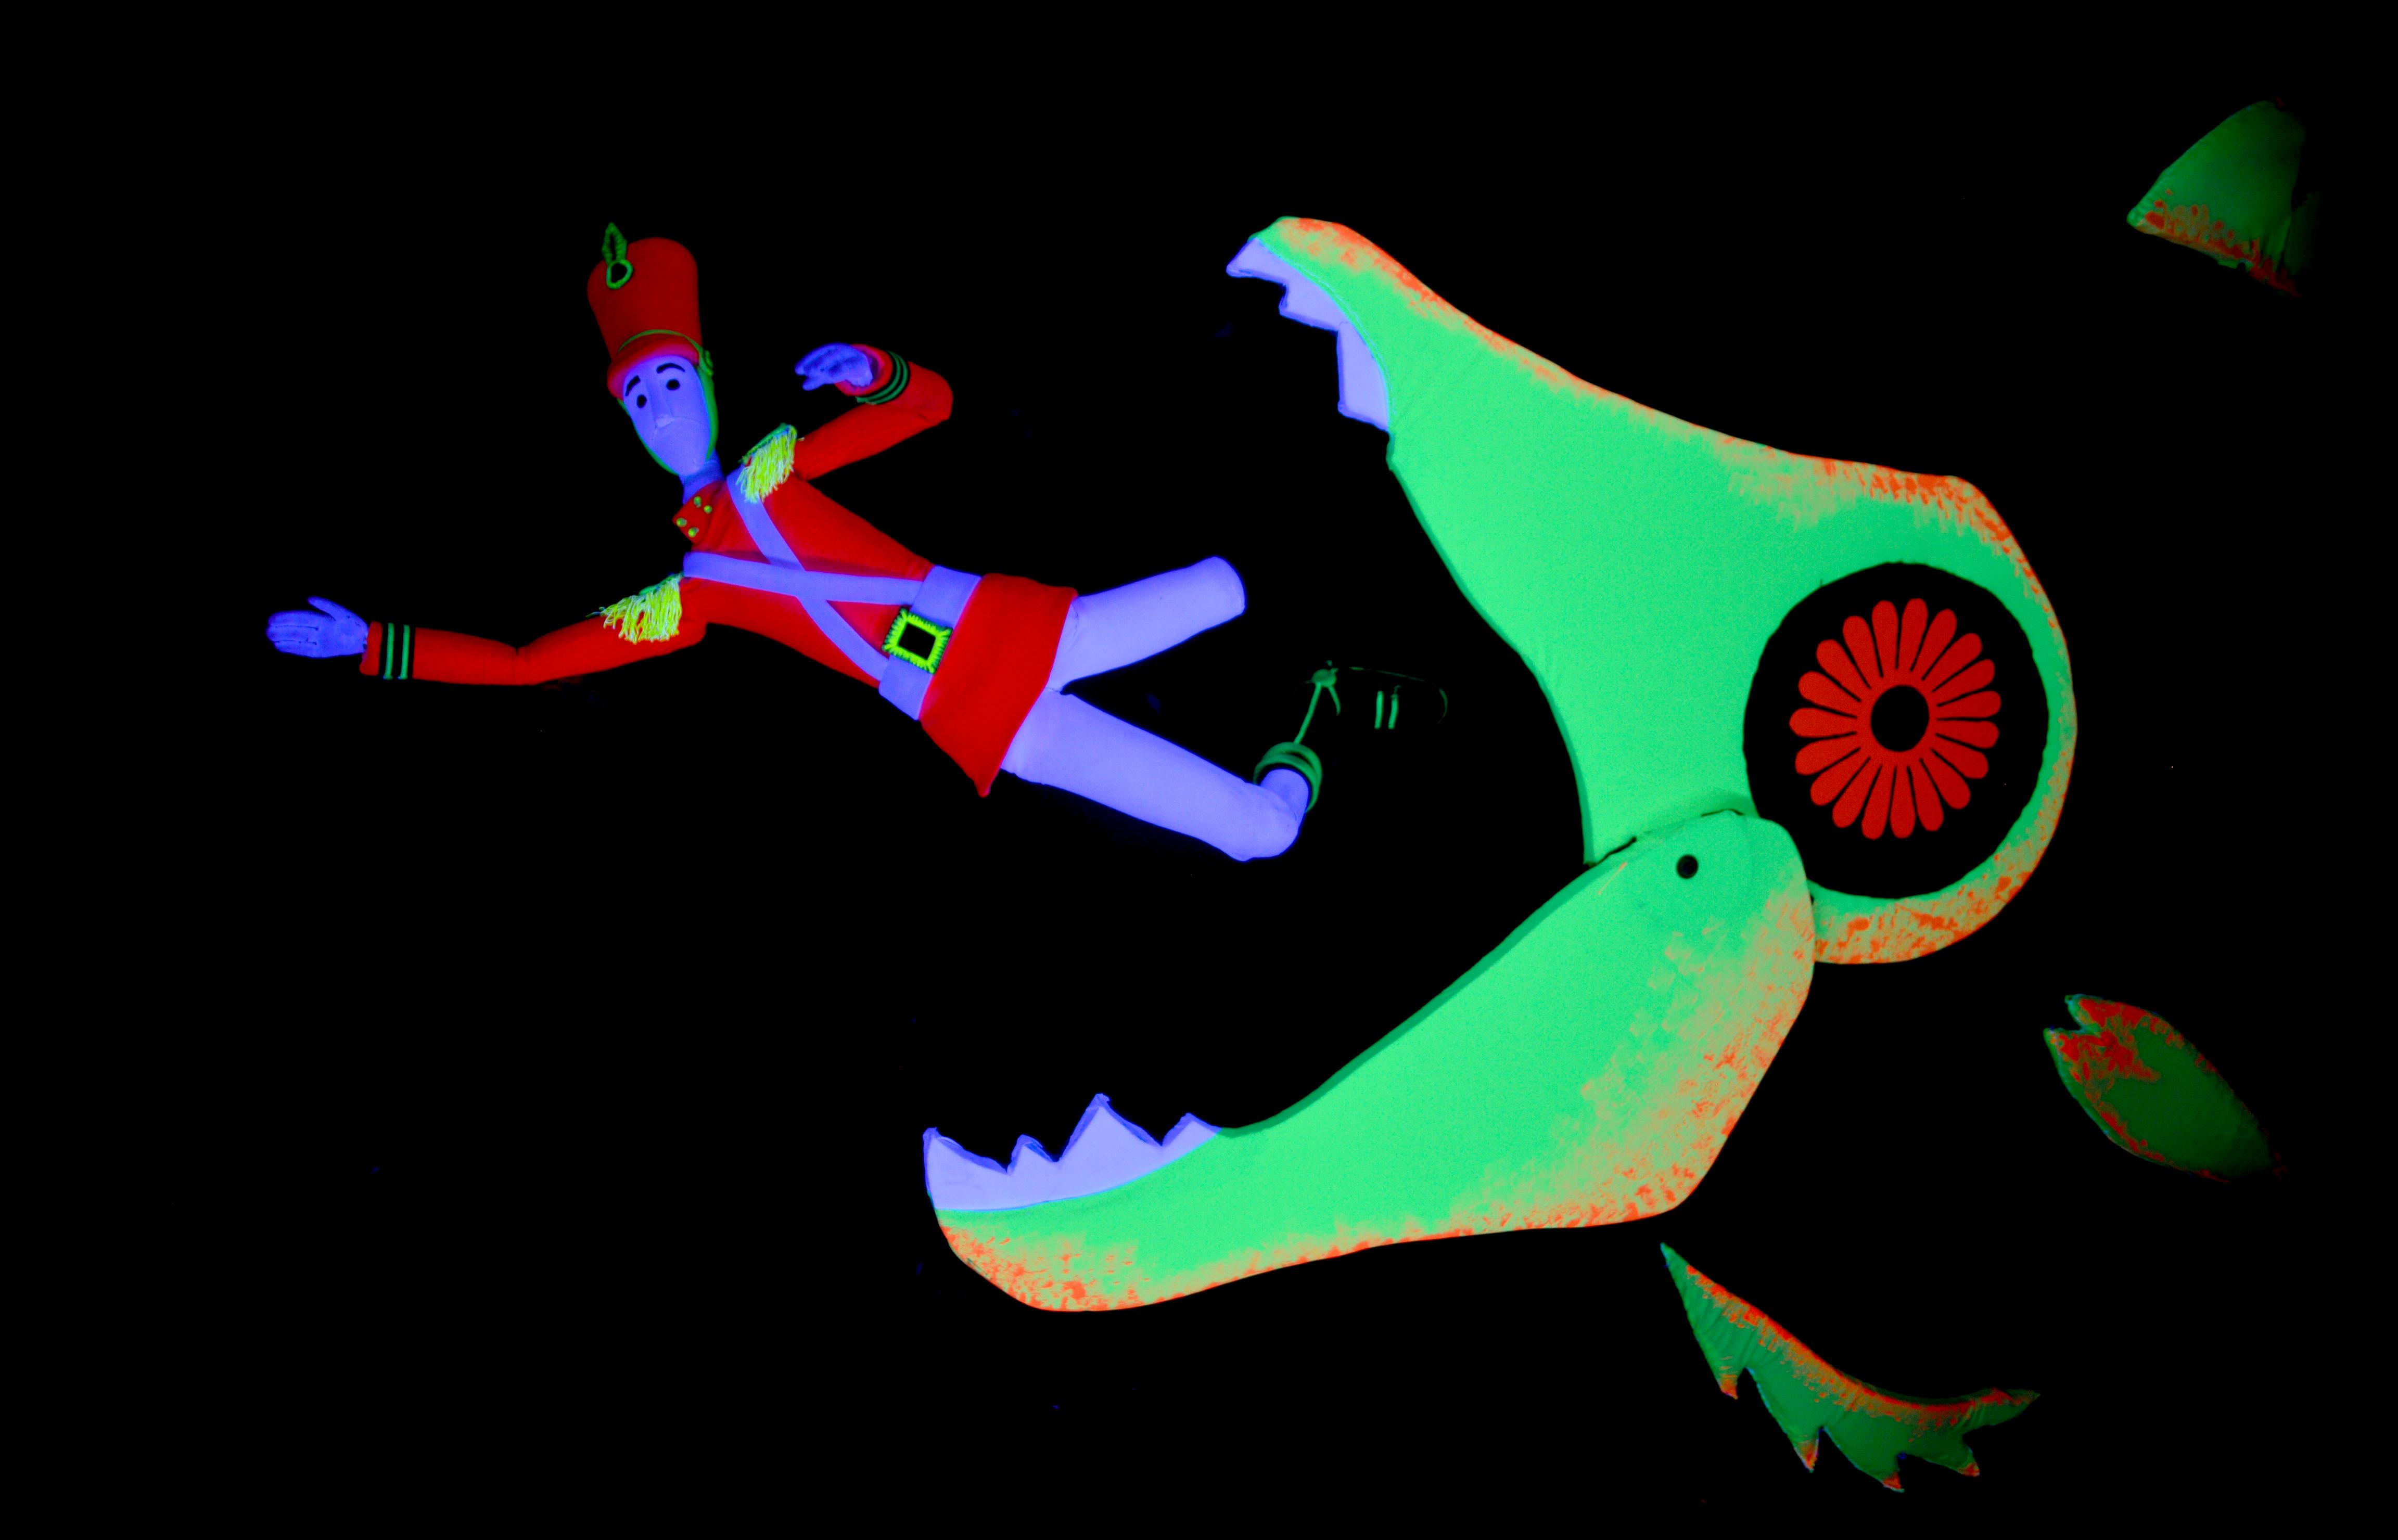 Plomo plomo el negro 5 28 images cancer en los labios - Teatro marionetas ikea ...